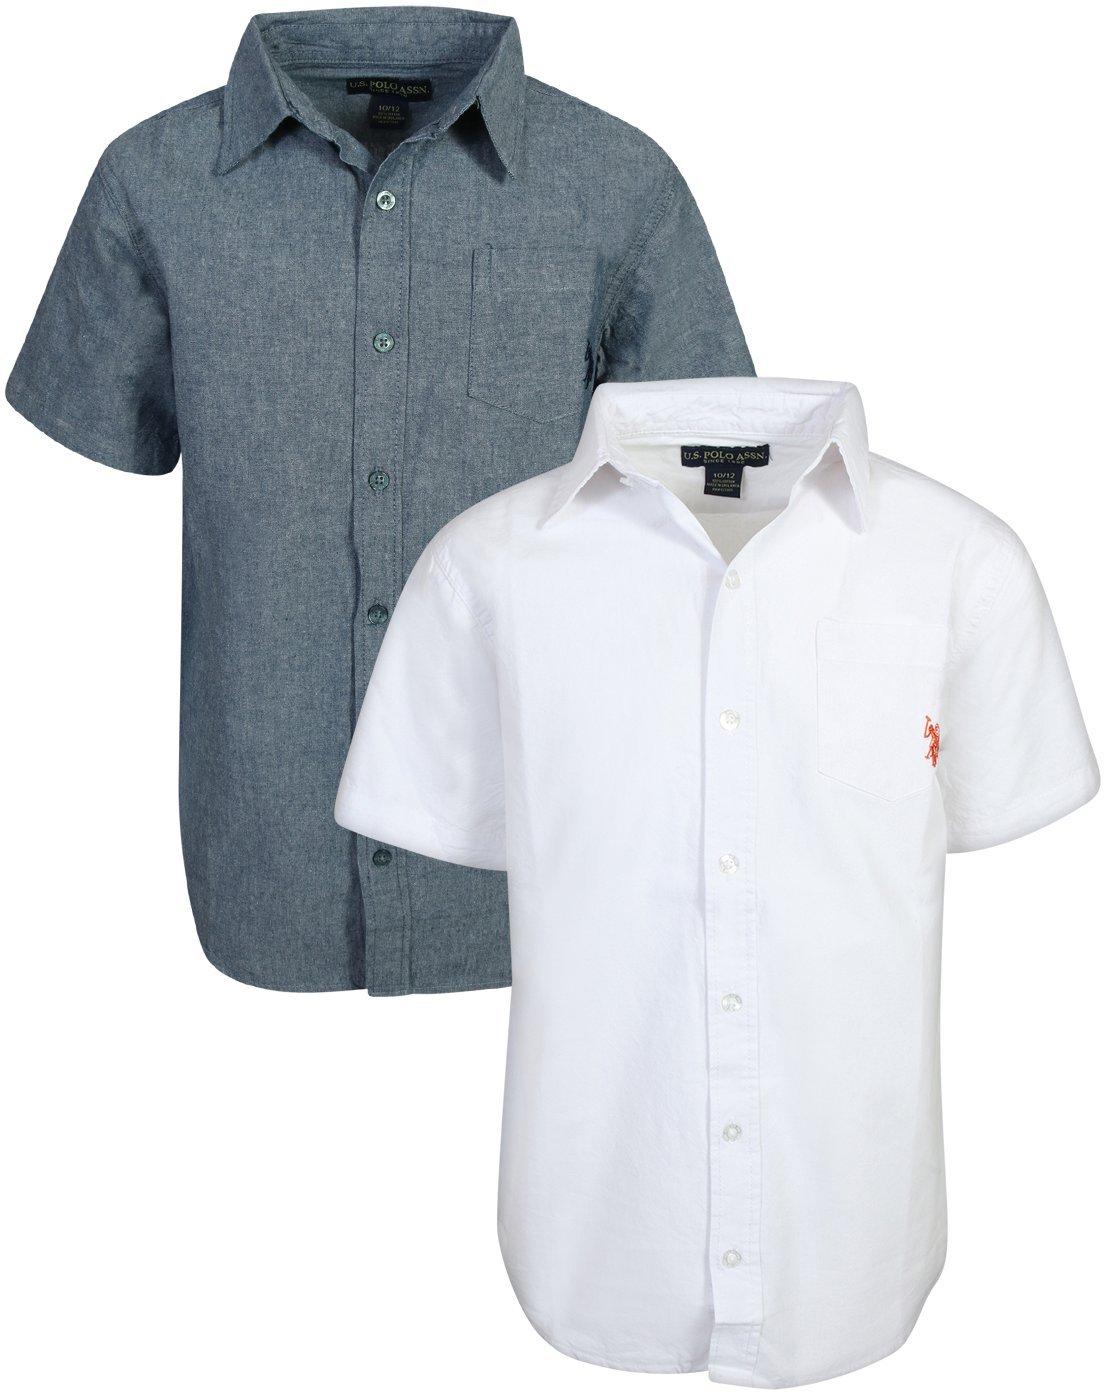 U.S. Polo Assn. Boy's Short Sleeve Woven Shirt (2 Pack) (White/Blue, 18)'